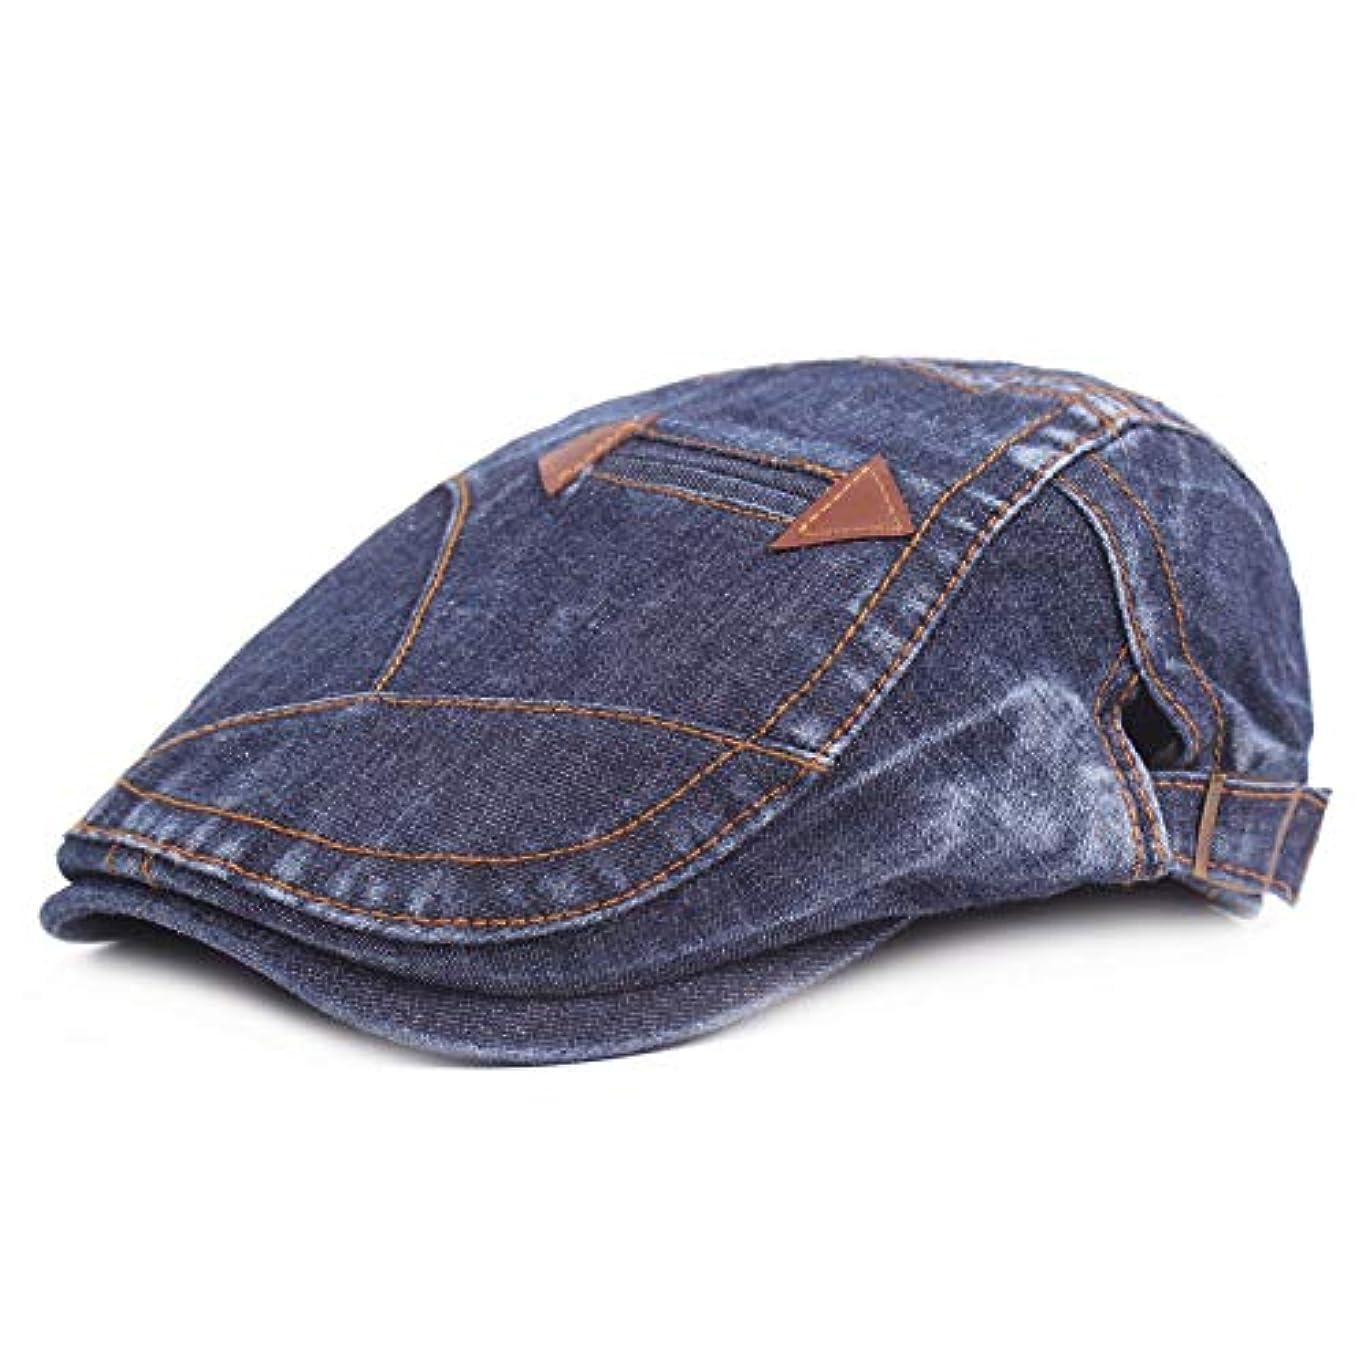 ノベルティまぶしさ除去ベレー帽 ユニセックス おしゃれ 綿 ハンチング帽子 紫外線対策調節可能 日よけ 帽子